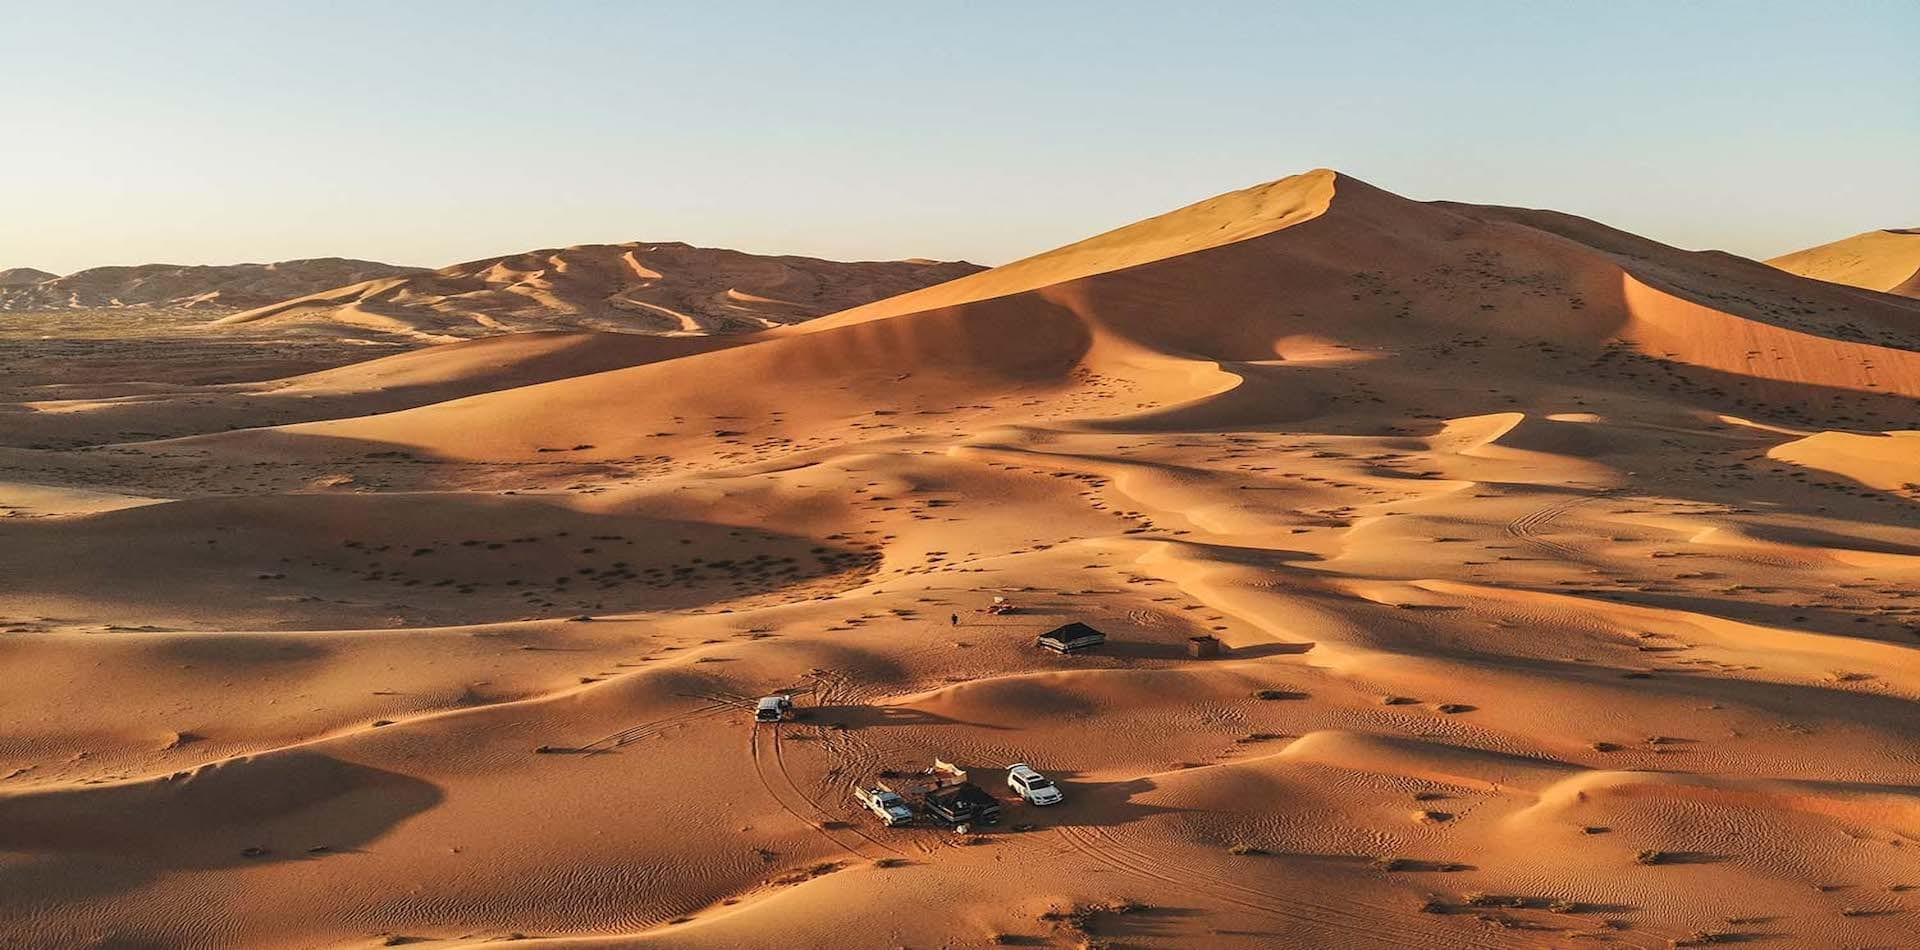 Rolling desert for miles